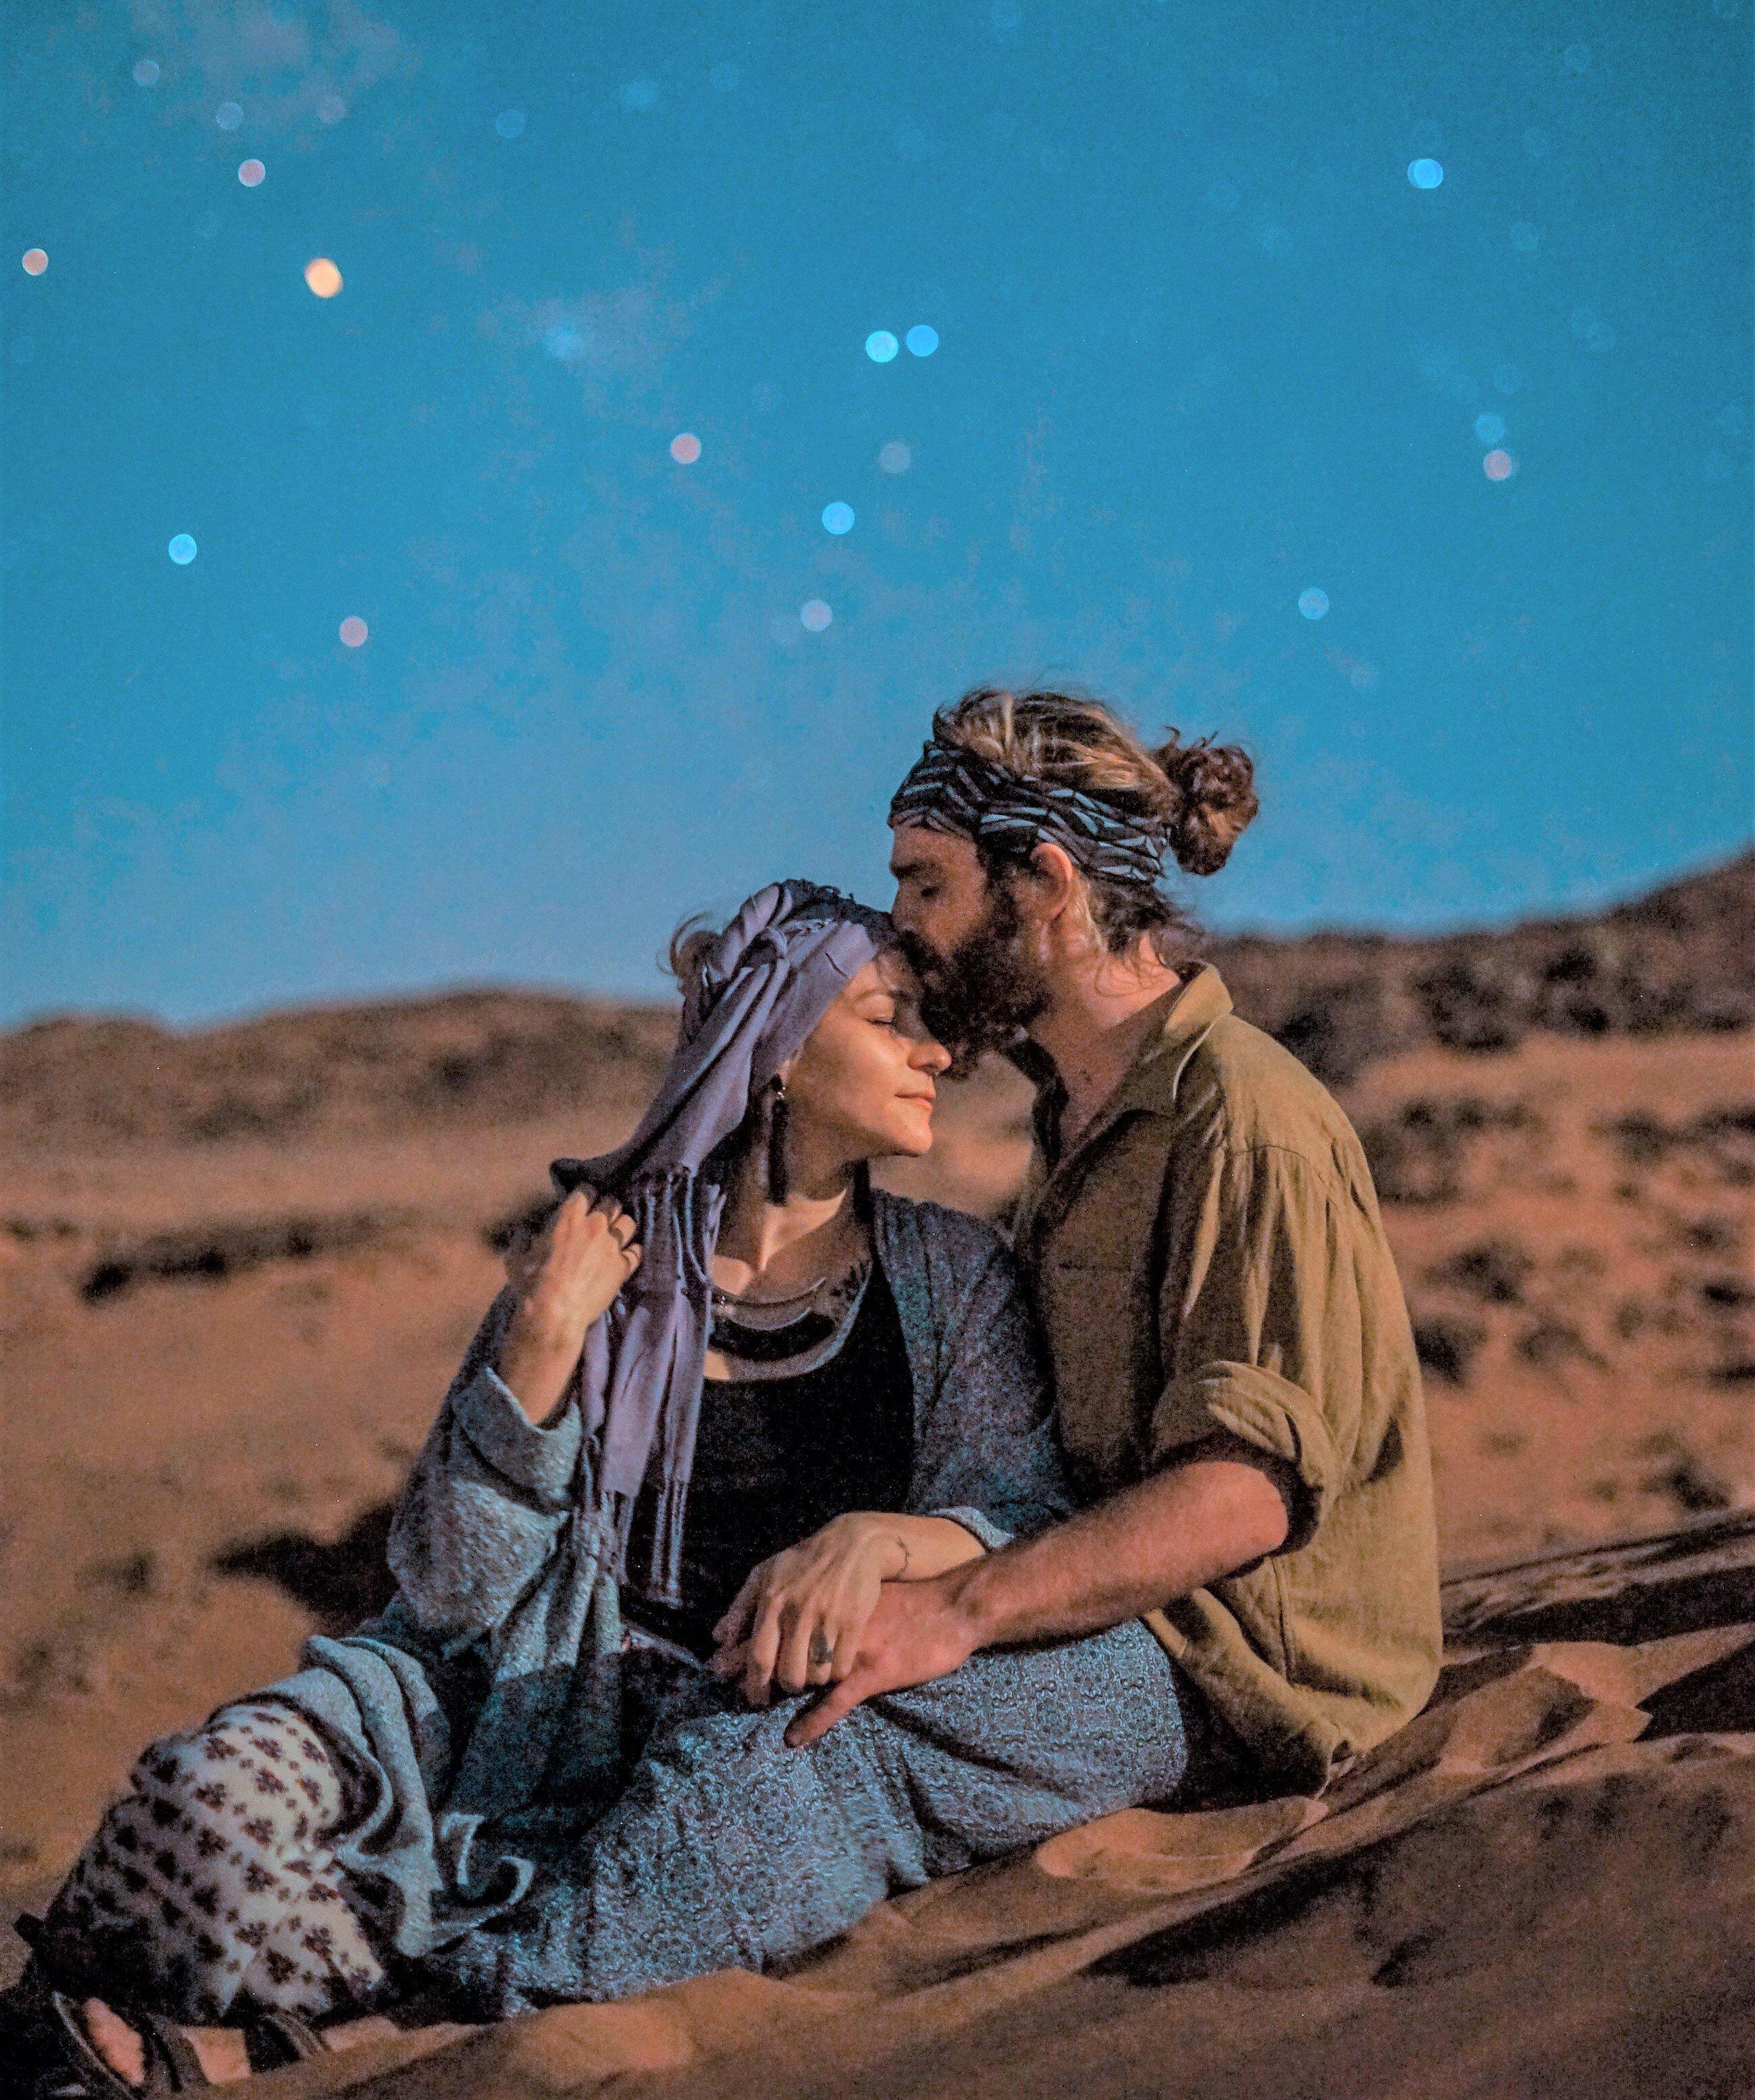 Homem beijando testa da mulher, sentados na areia com fundo estrelado